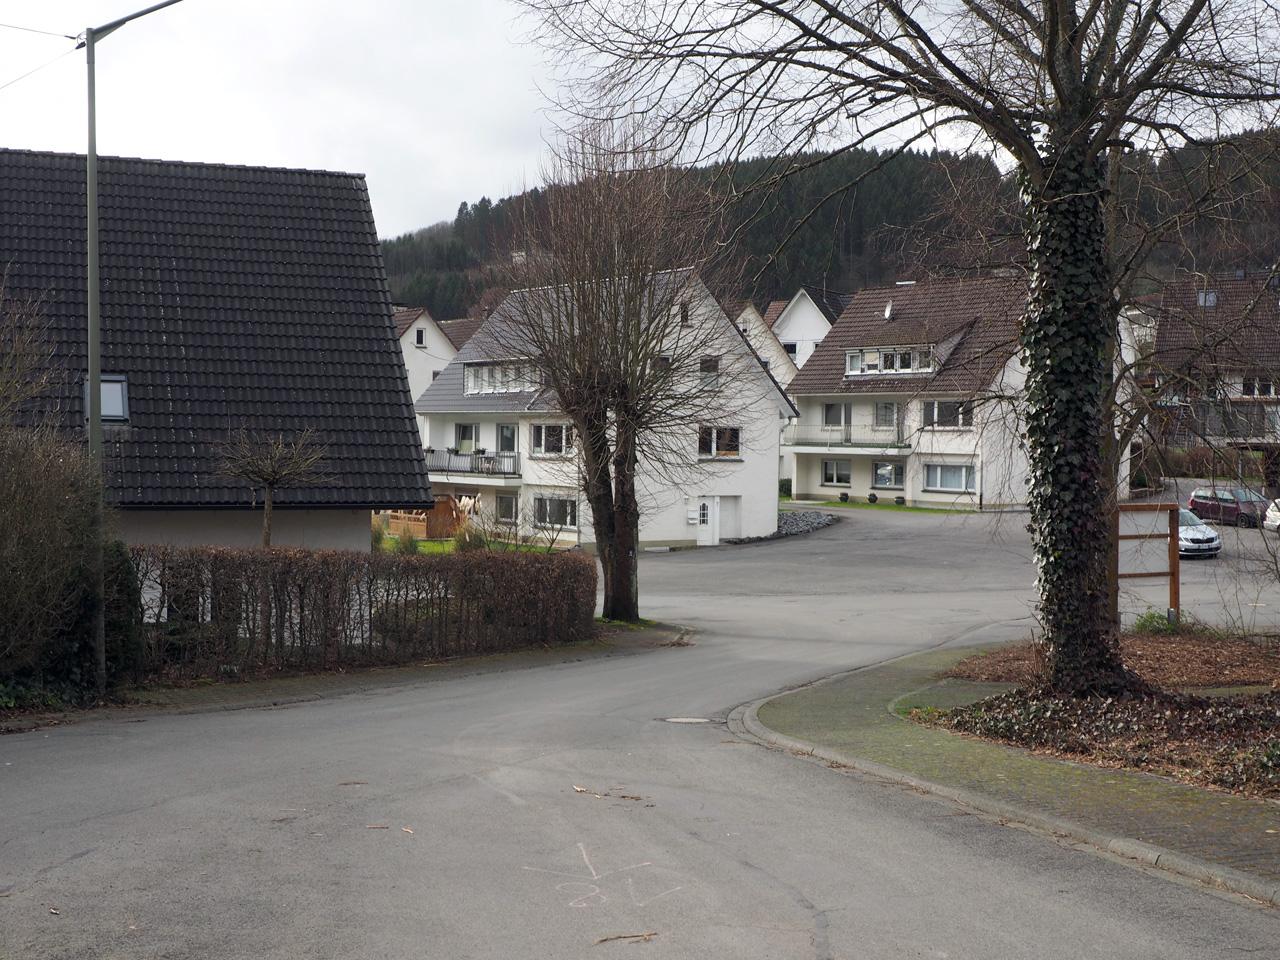 aankomst in Saalhausen